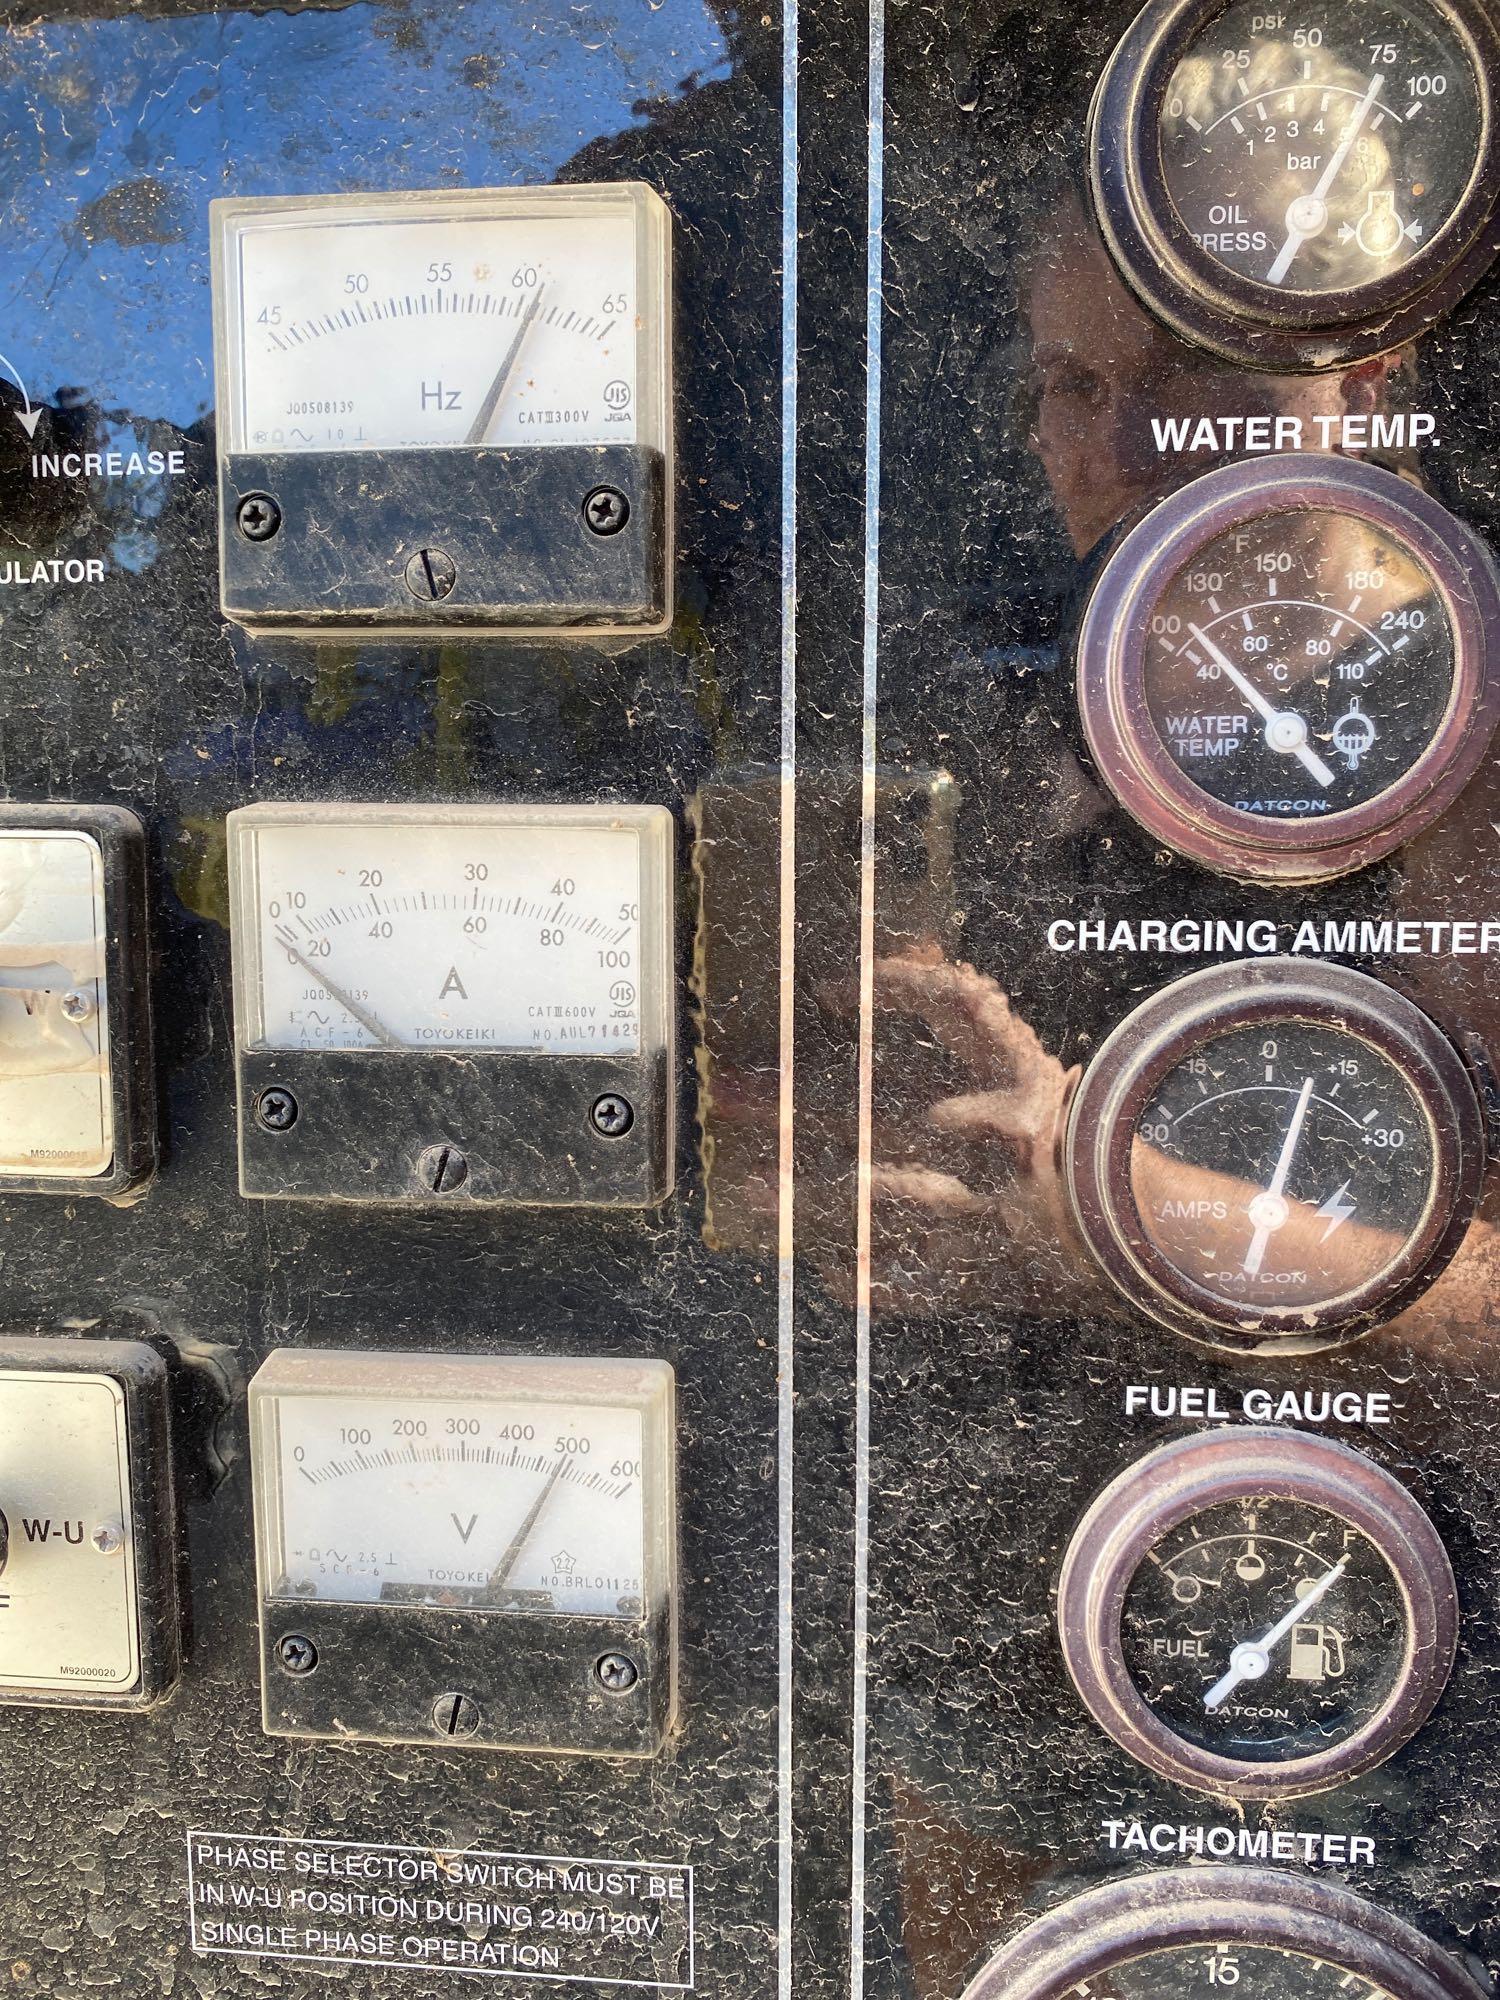 2012 WHISPERWATT MQ POWER DIESEL GENERATOR, TRAILER MOUNTED, 20KW, 25KVA, RUNS AND OPERATES - Image 10 of 10